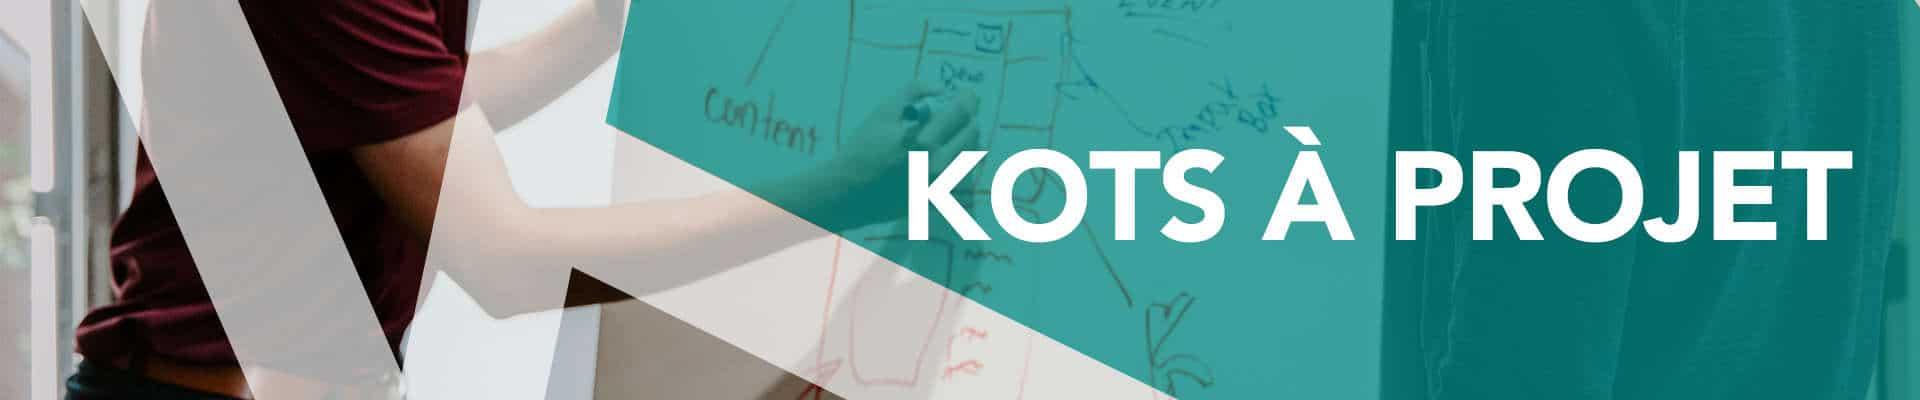 Banniere bottin étudiant kots à projet